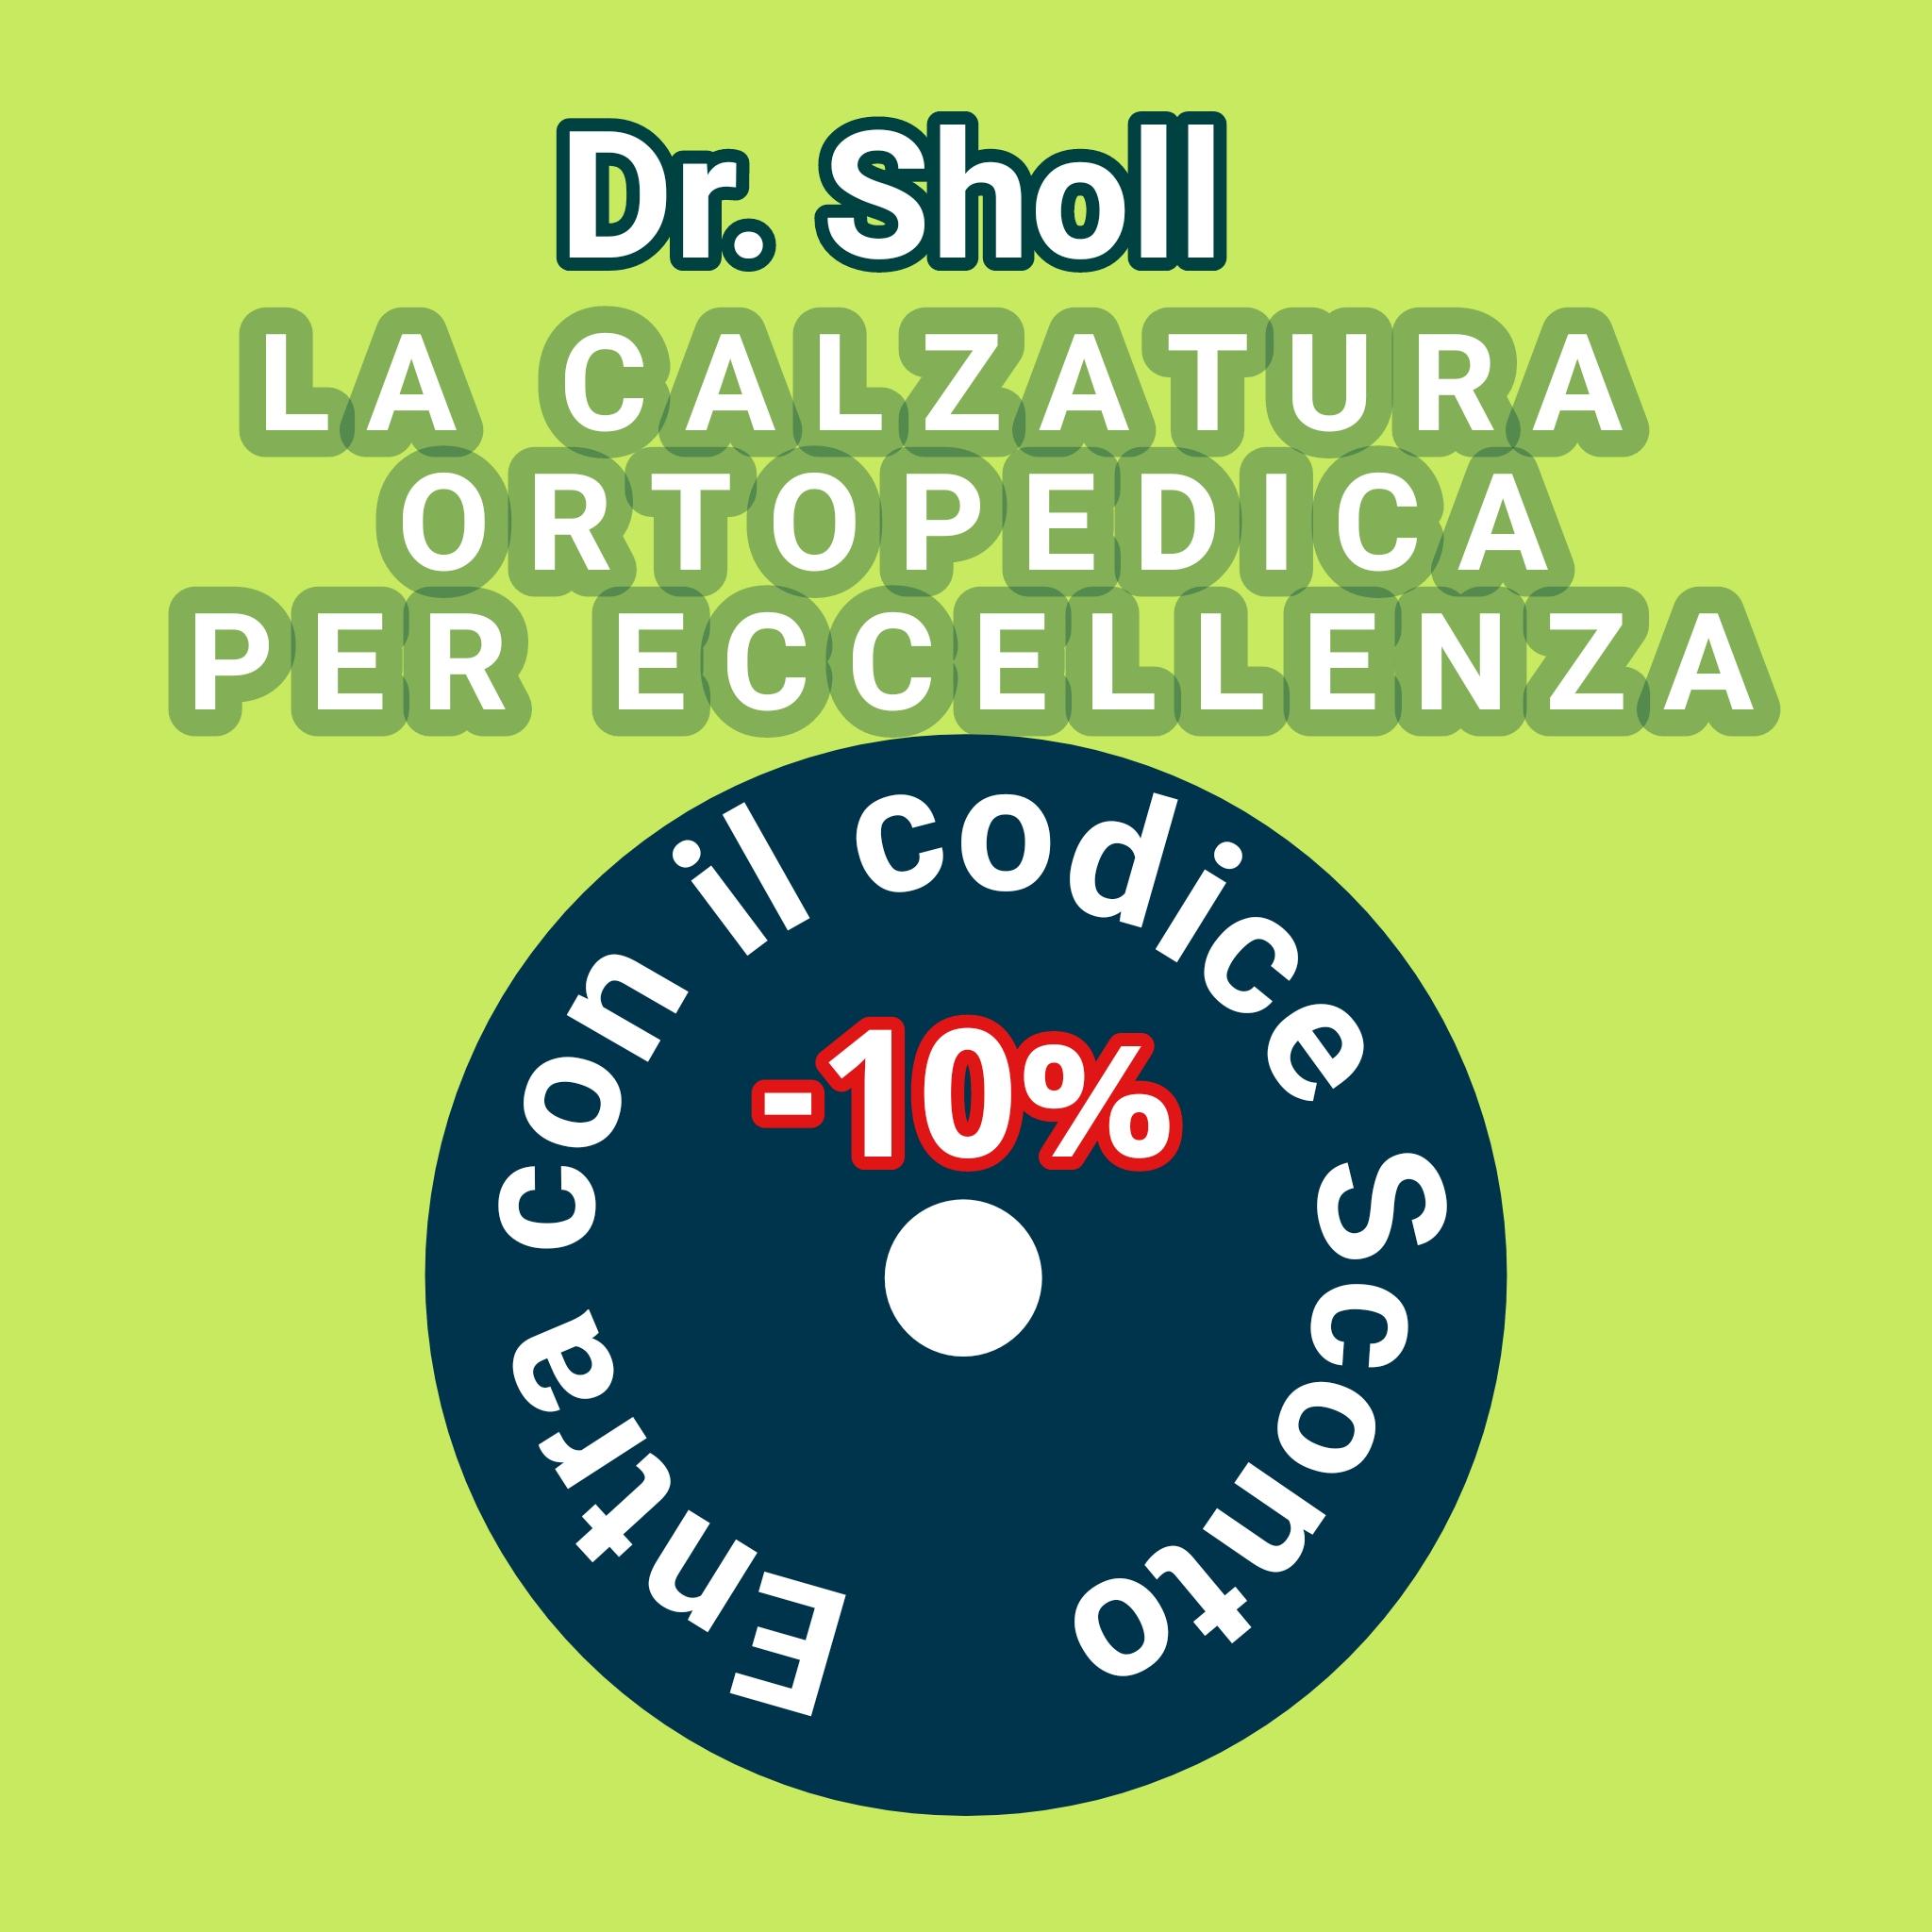 Entra con codice sconto del 10% da Dr. Sholl